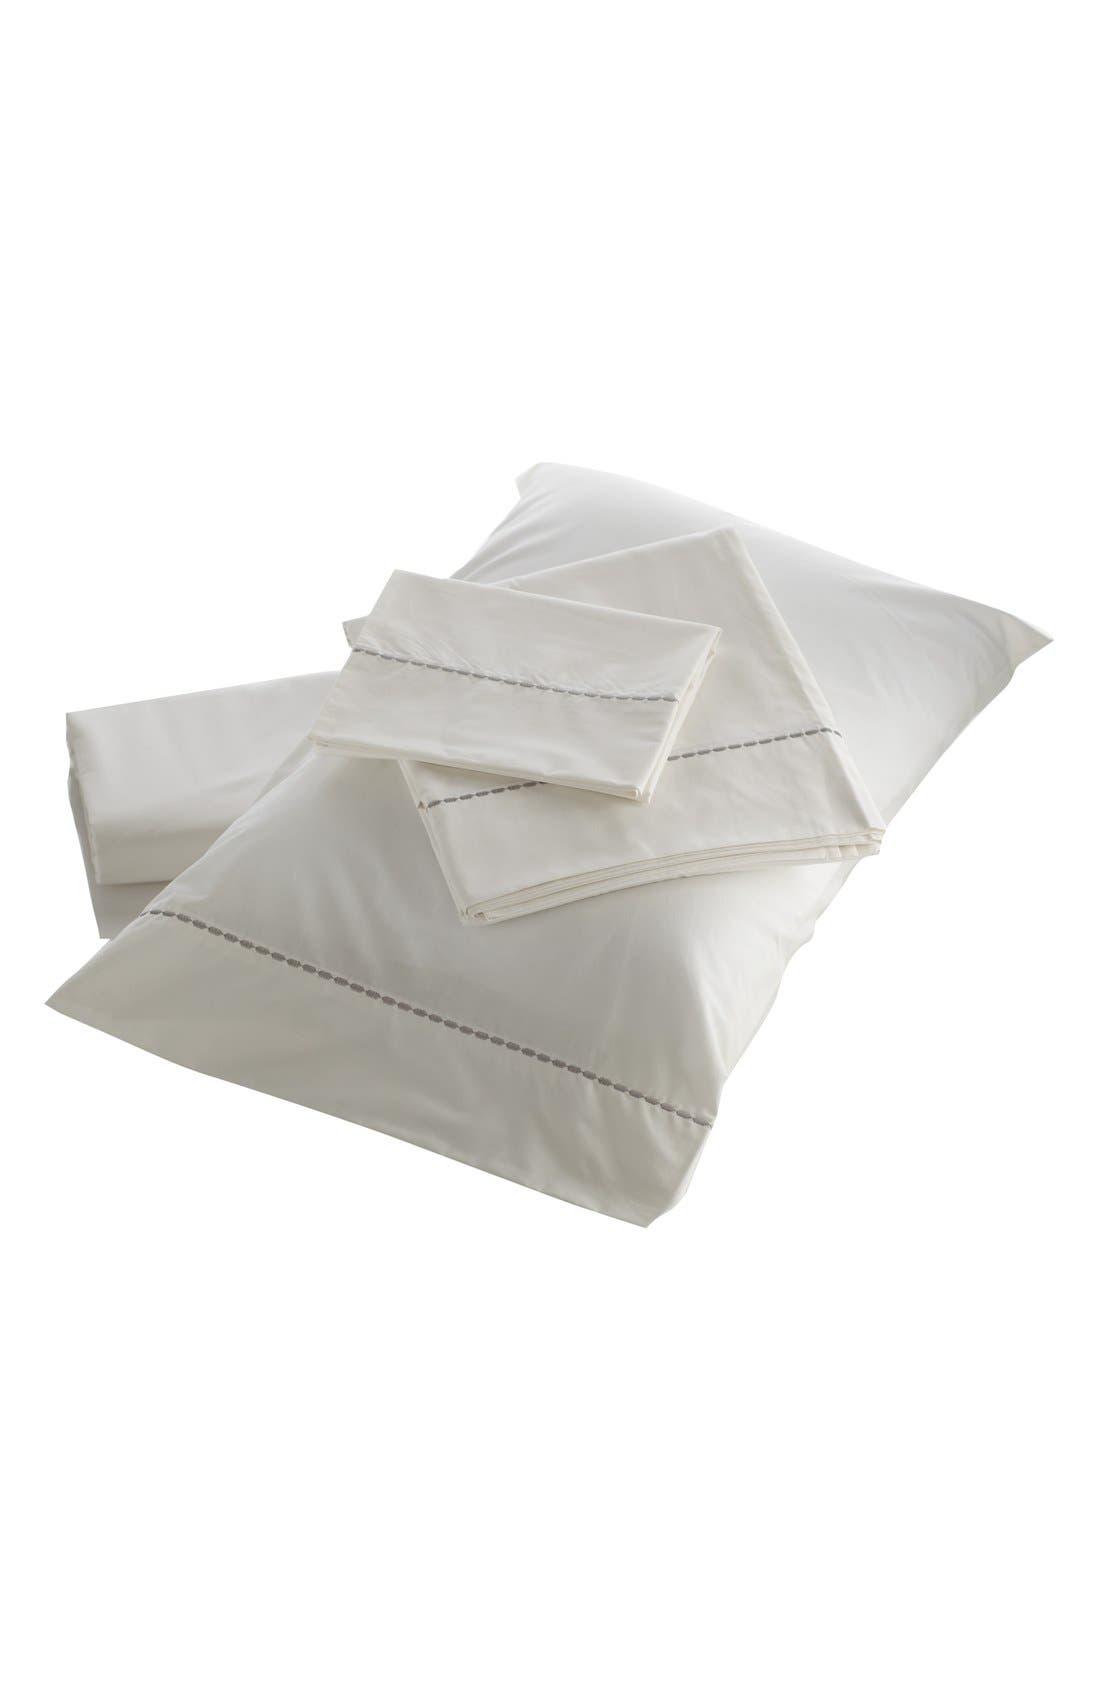 zestt 'Portland' 200 Thread Count Organic Cotton Sheet Set